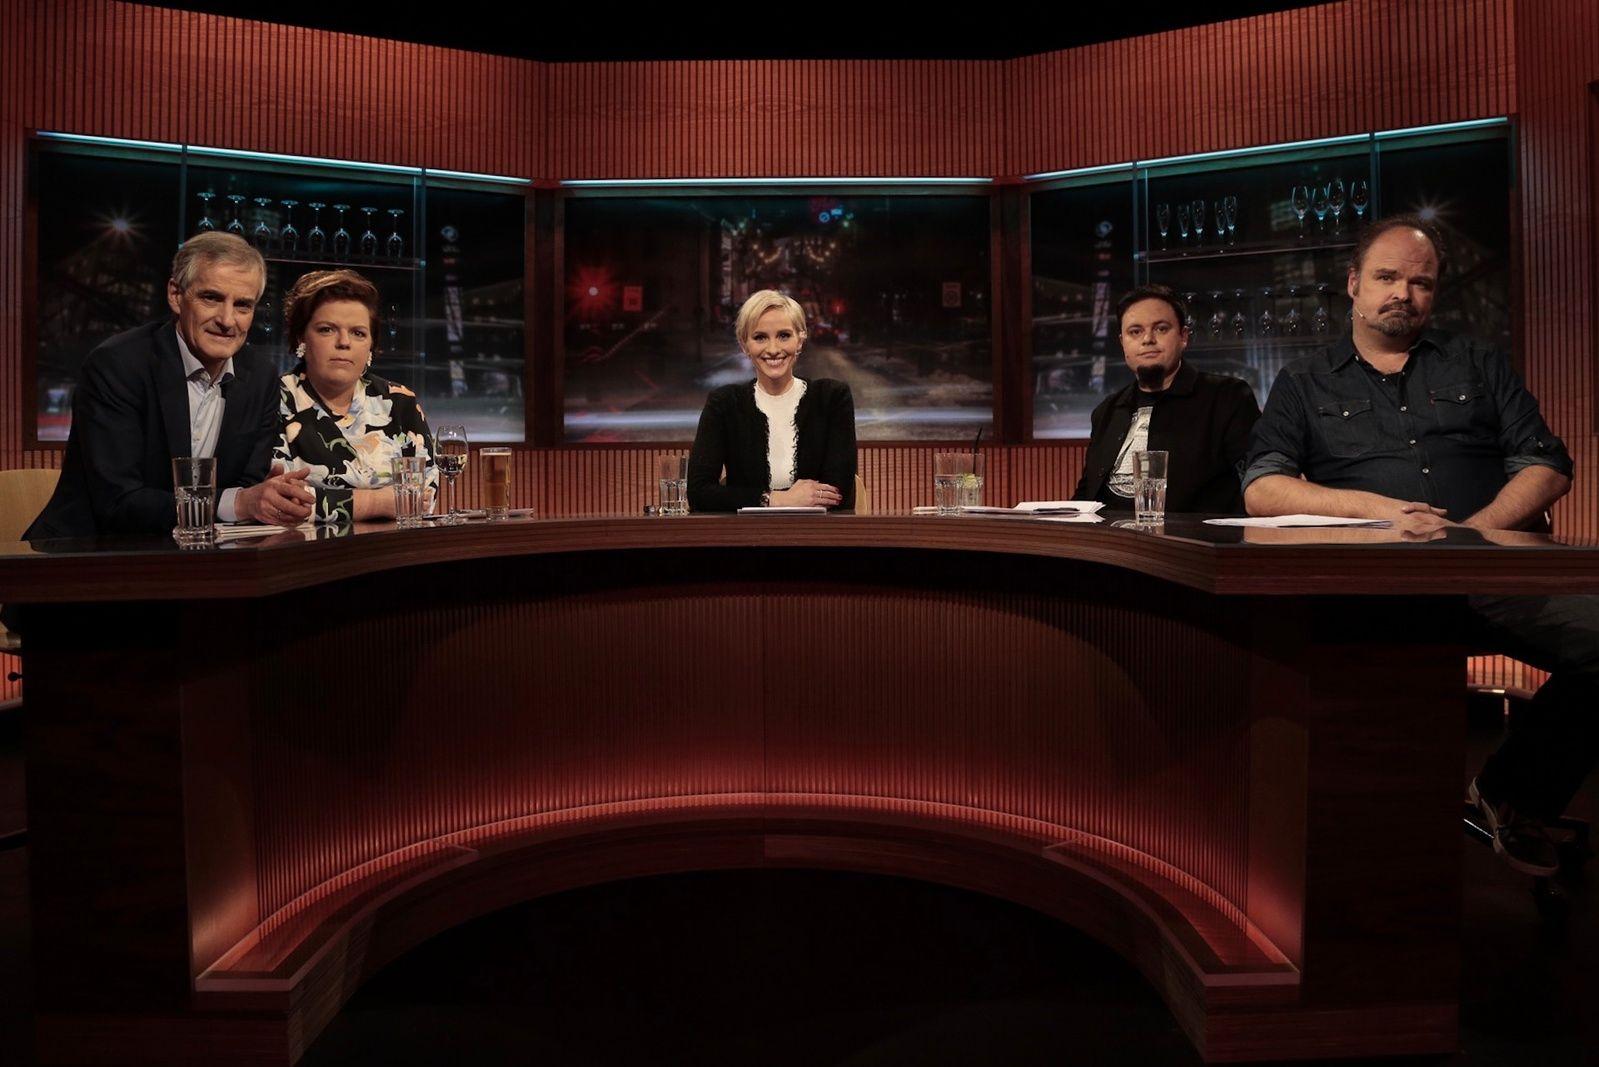 PREMIERE: Jonas Gahr Støre, Else Kåss Furuseth, Anne Rimmen, Dag Sørås og Atle Antonsen i første program av «Mandagsklubben».